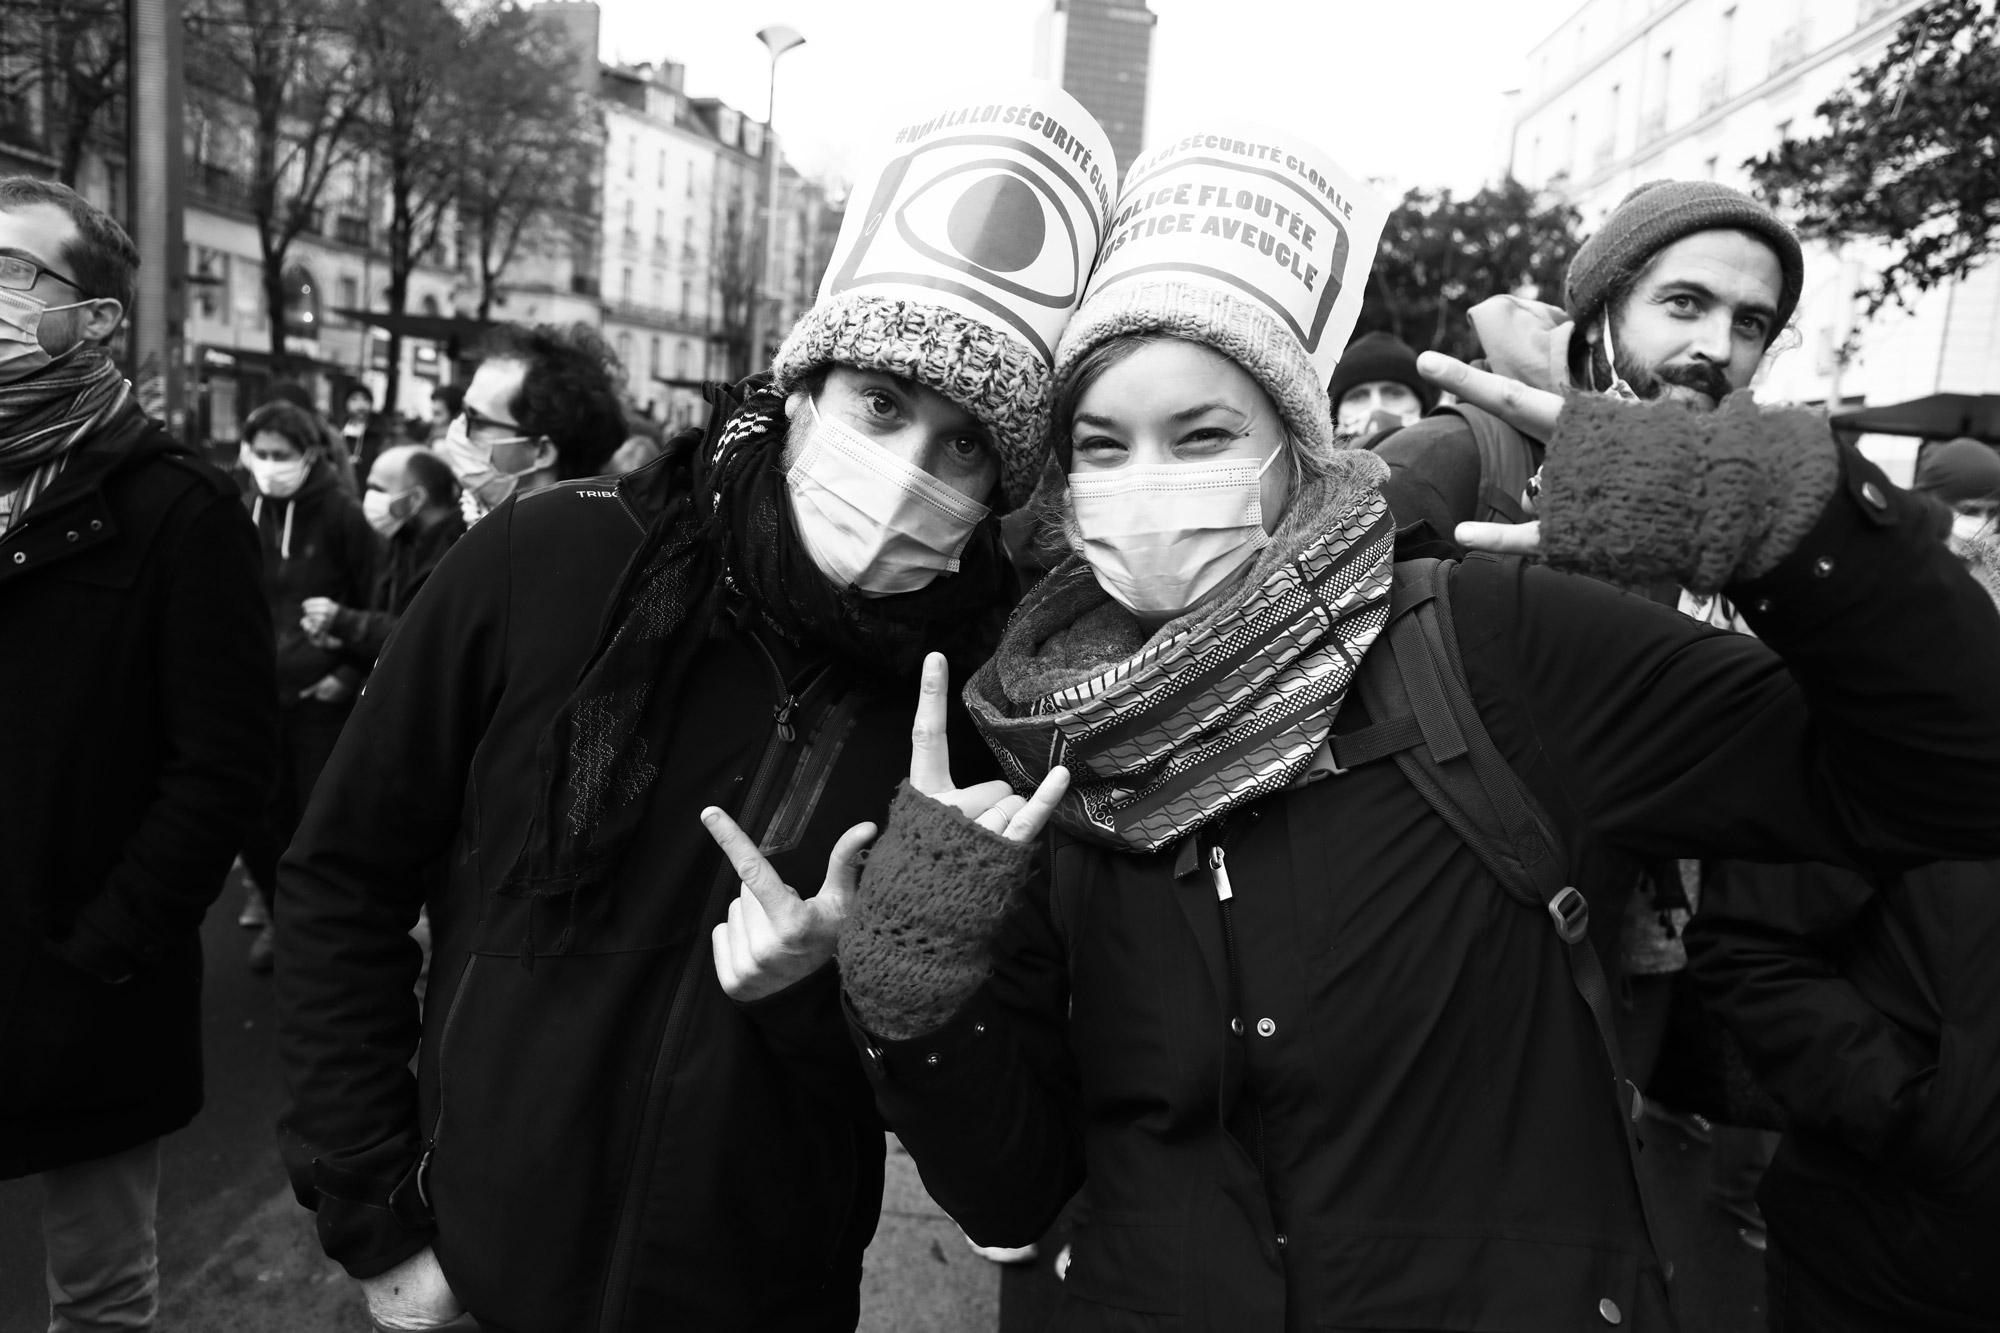 """""""Joyful protest"""" - Manifestation contre la Loi Sécurité Globale, Nantes (5 décembre 2020). ©Clémence Rougetet"""